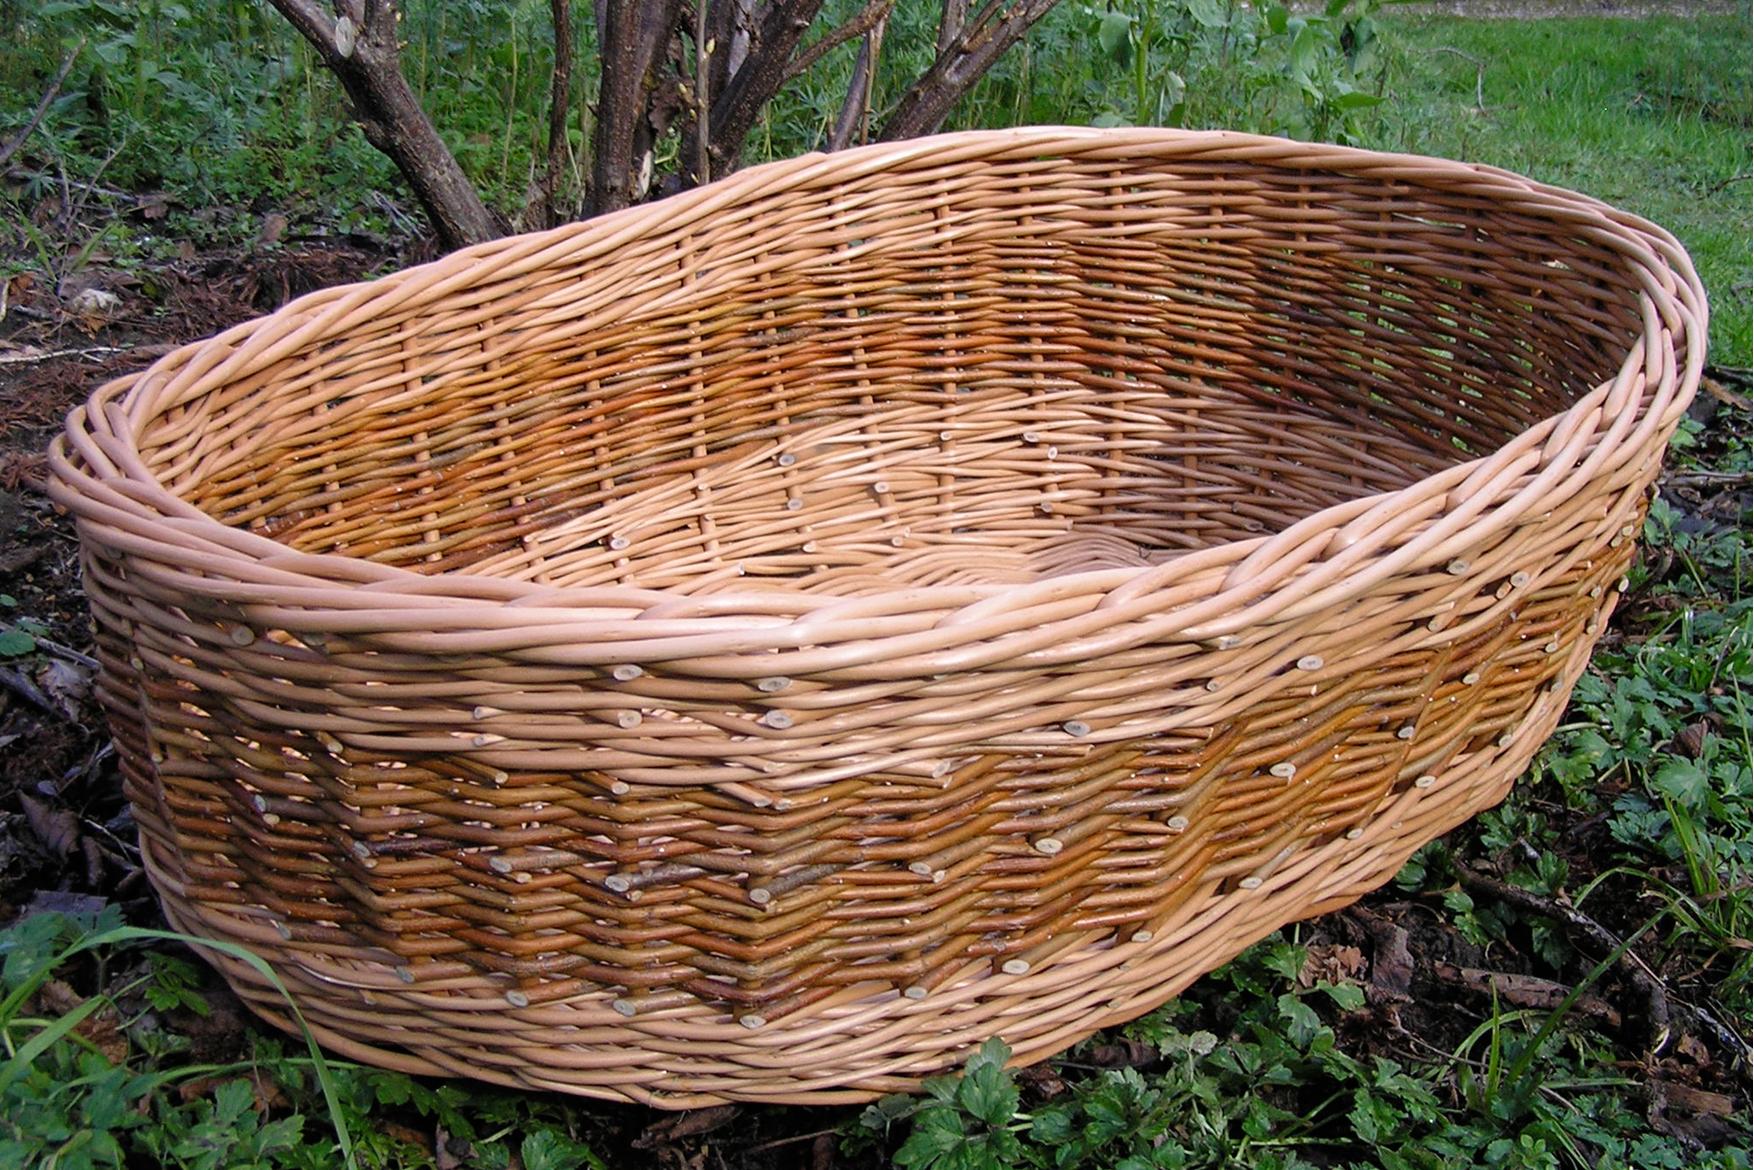 Large pet basket